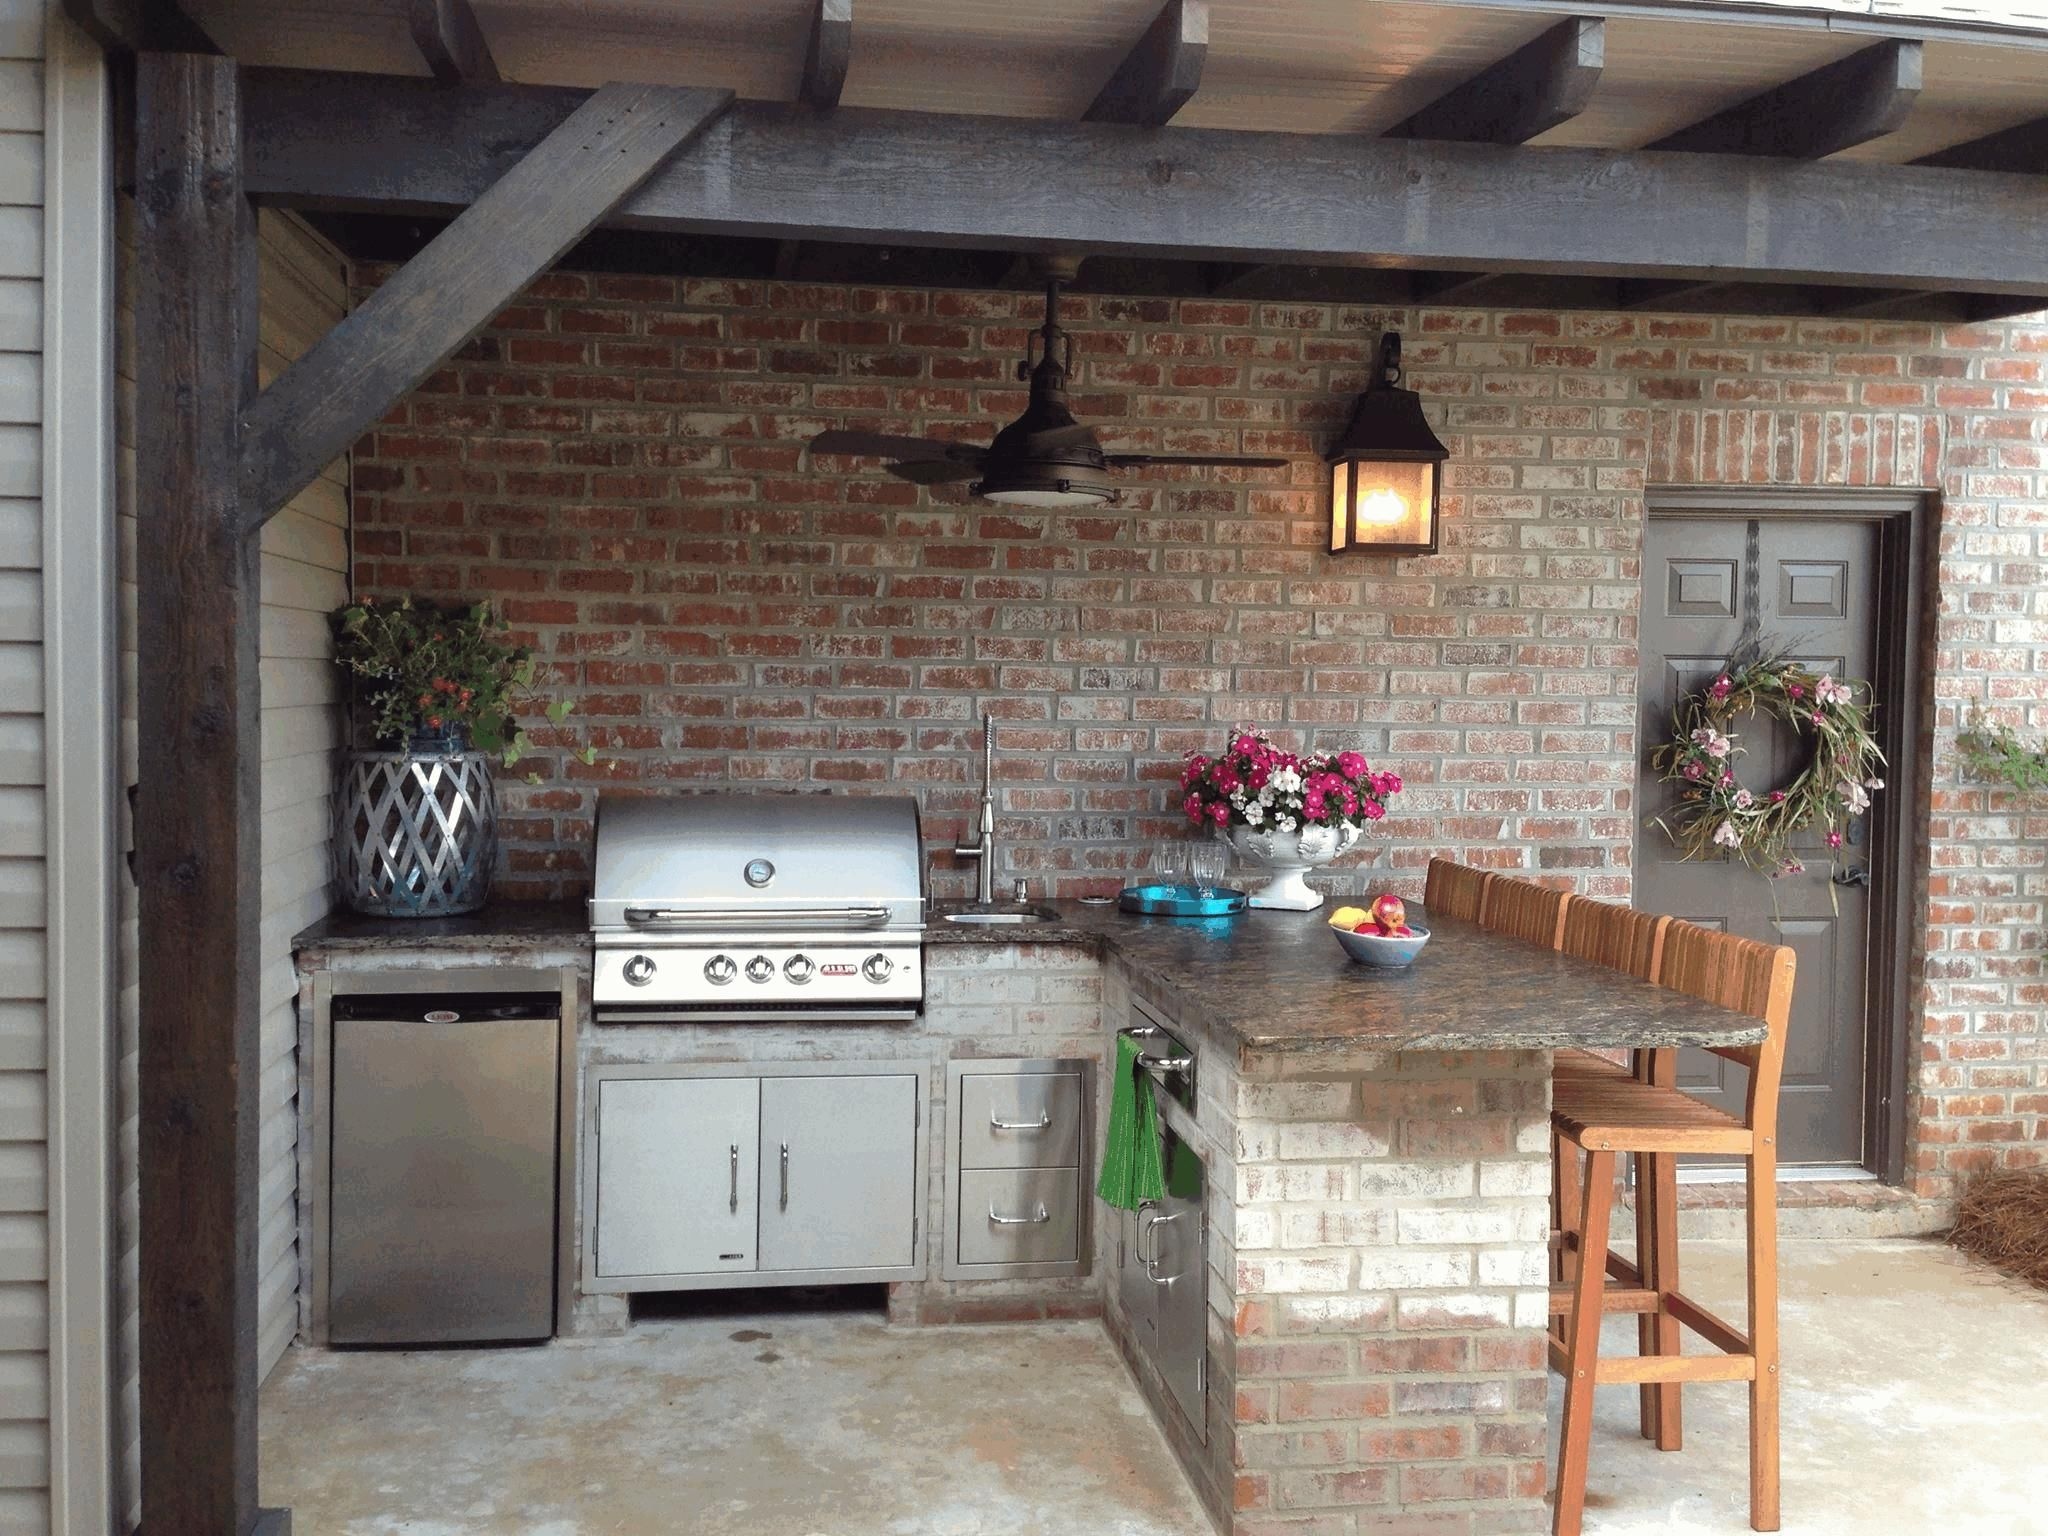 Outdoorküche Mit Kühlschrank Günstig : Kühlschrank für outdoor küche wetterfester kühlschrank günstige